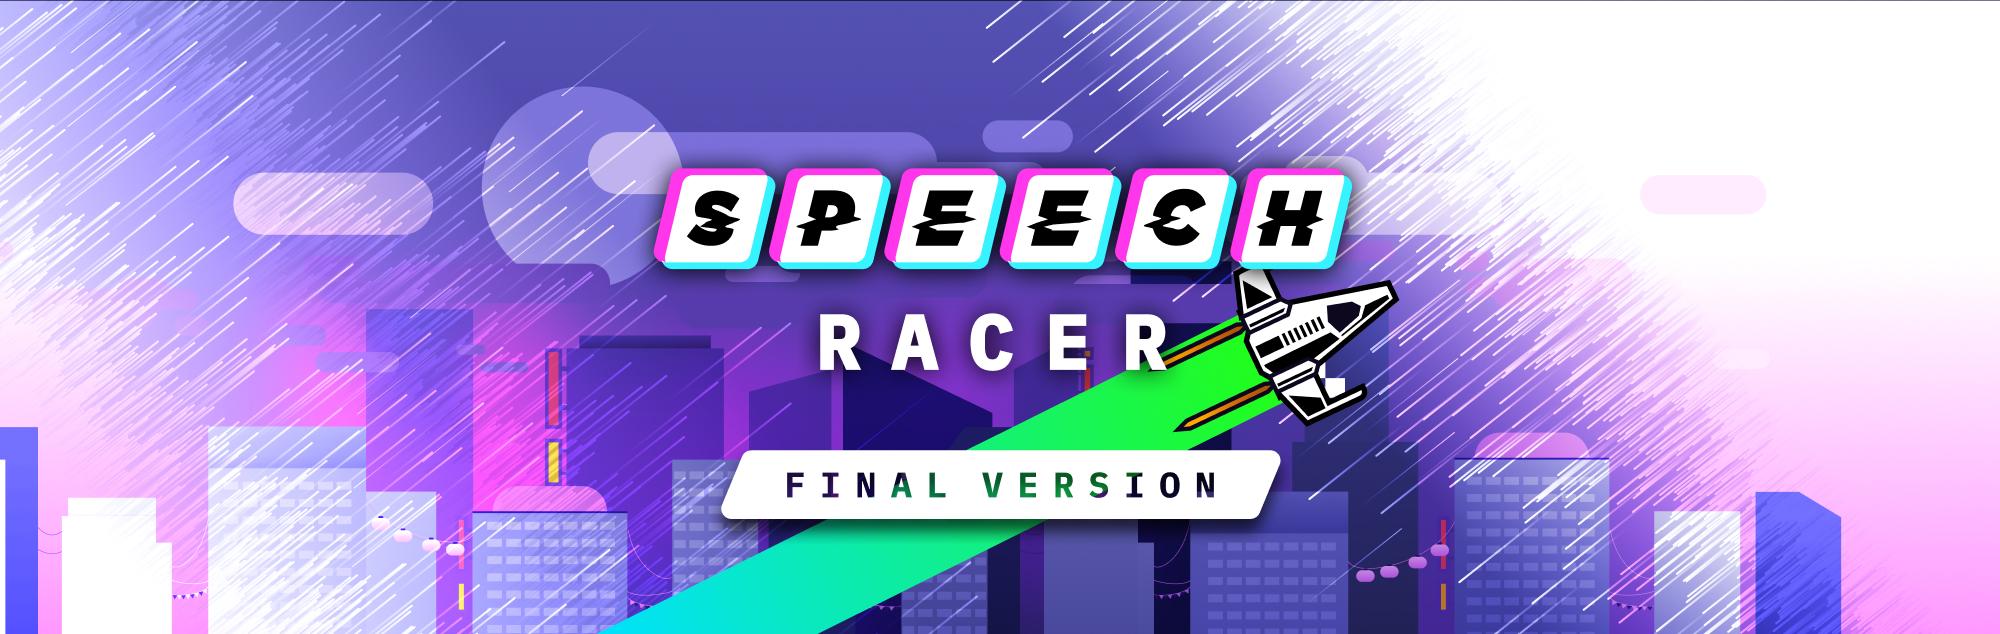 Speech Racer 🚀